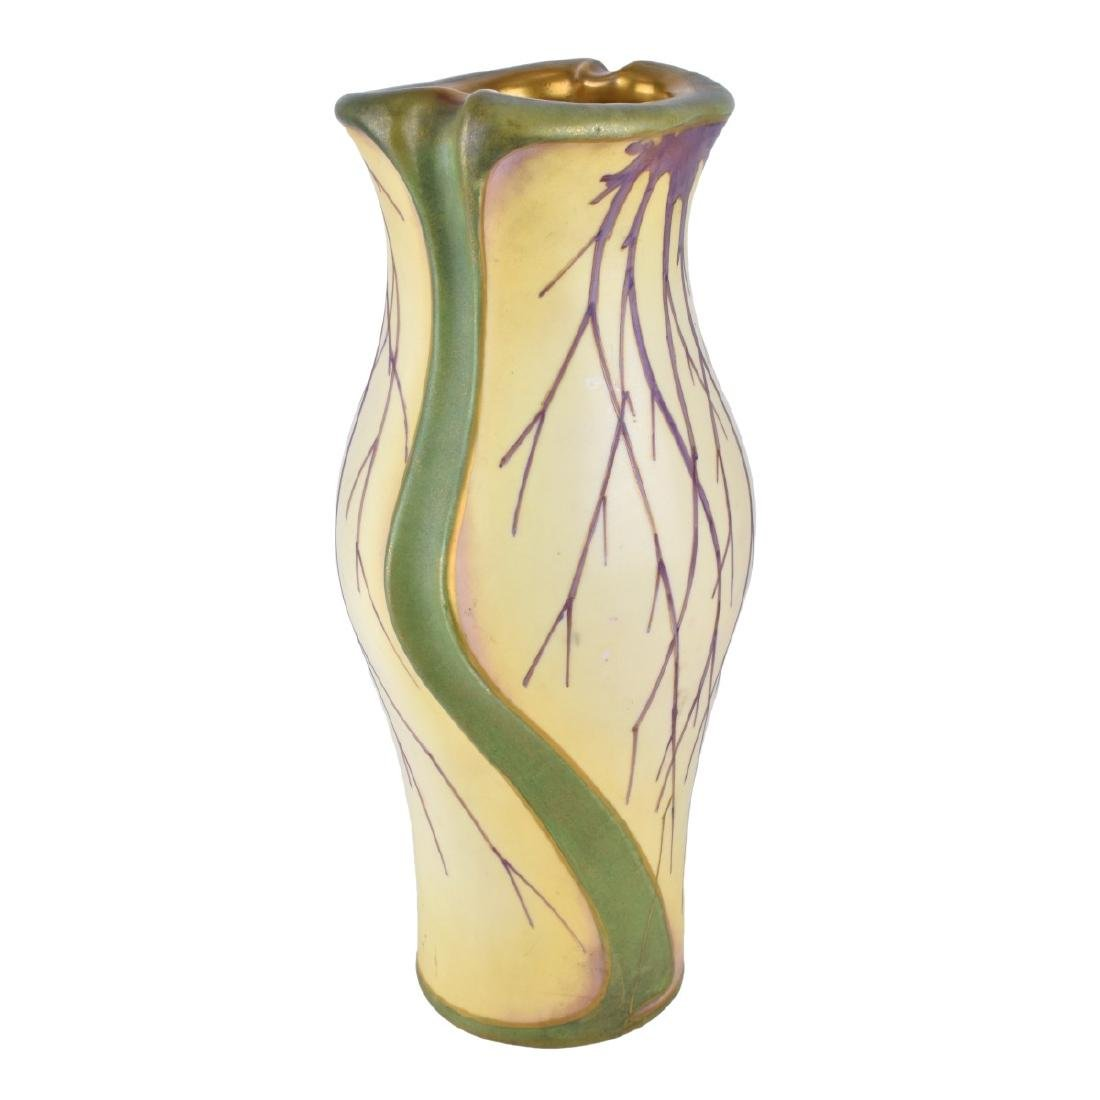 Turn Teplitz Bohemia Porcelain Vase